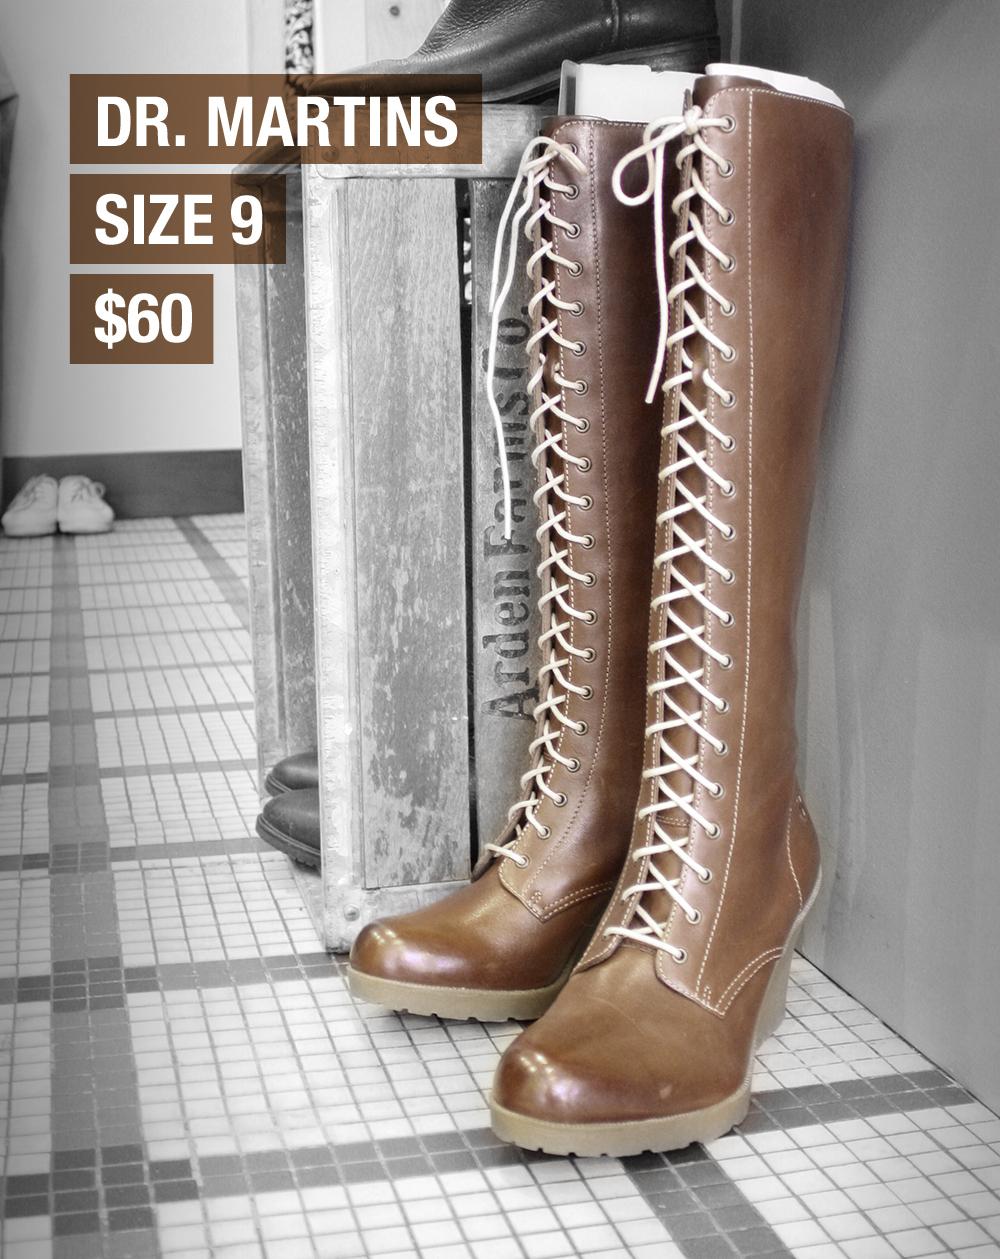 Dr. Martins: size 9 $60 -sold-